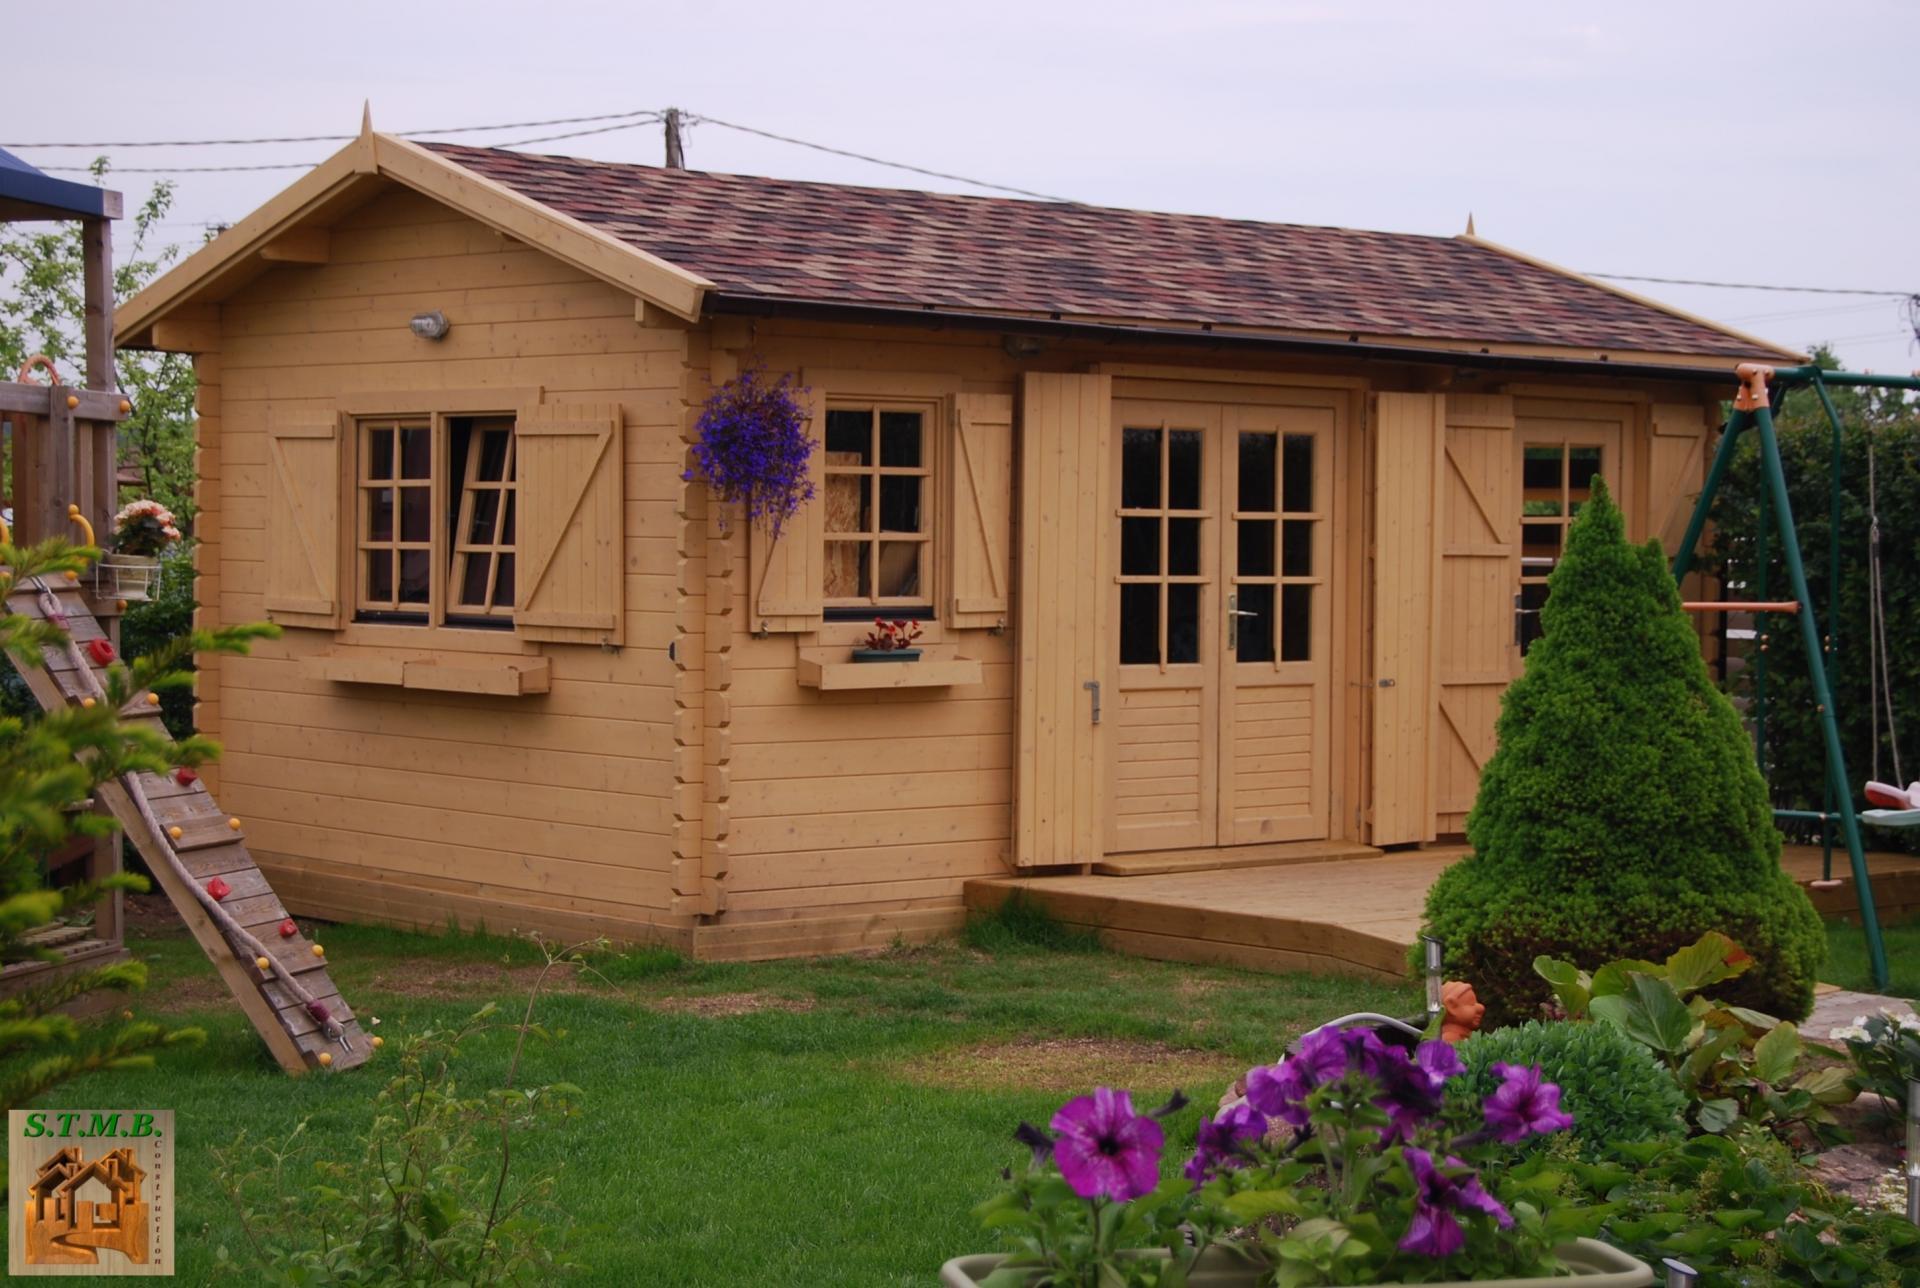 Maison chalet bois en kit chalet mezzanine en kit tipi for Chalet en bois en kit